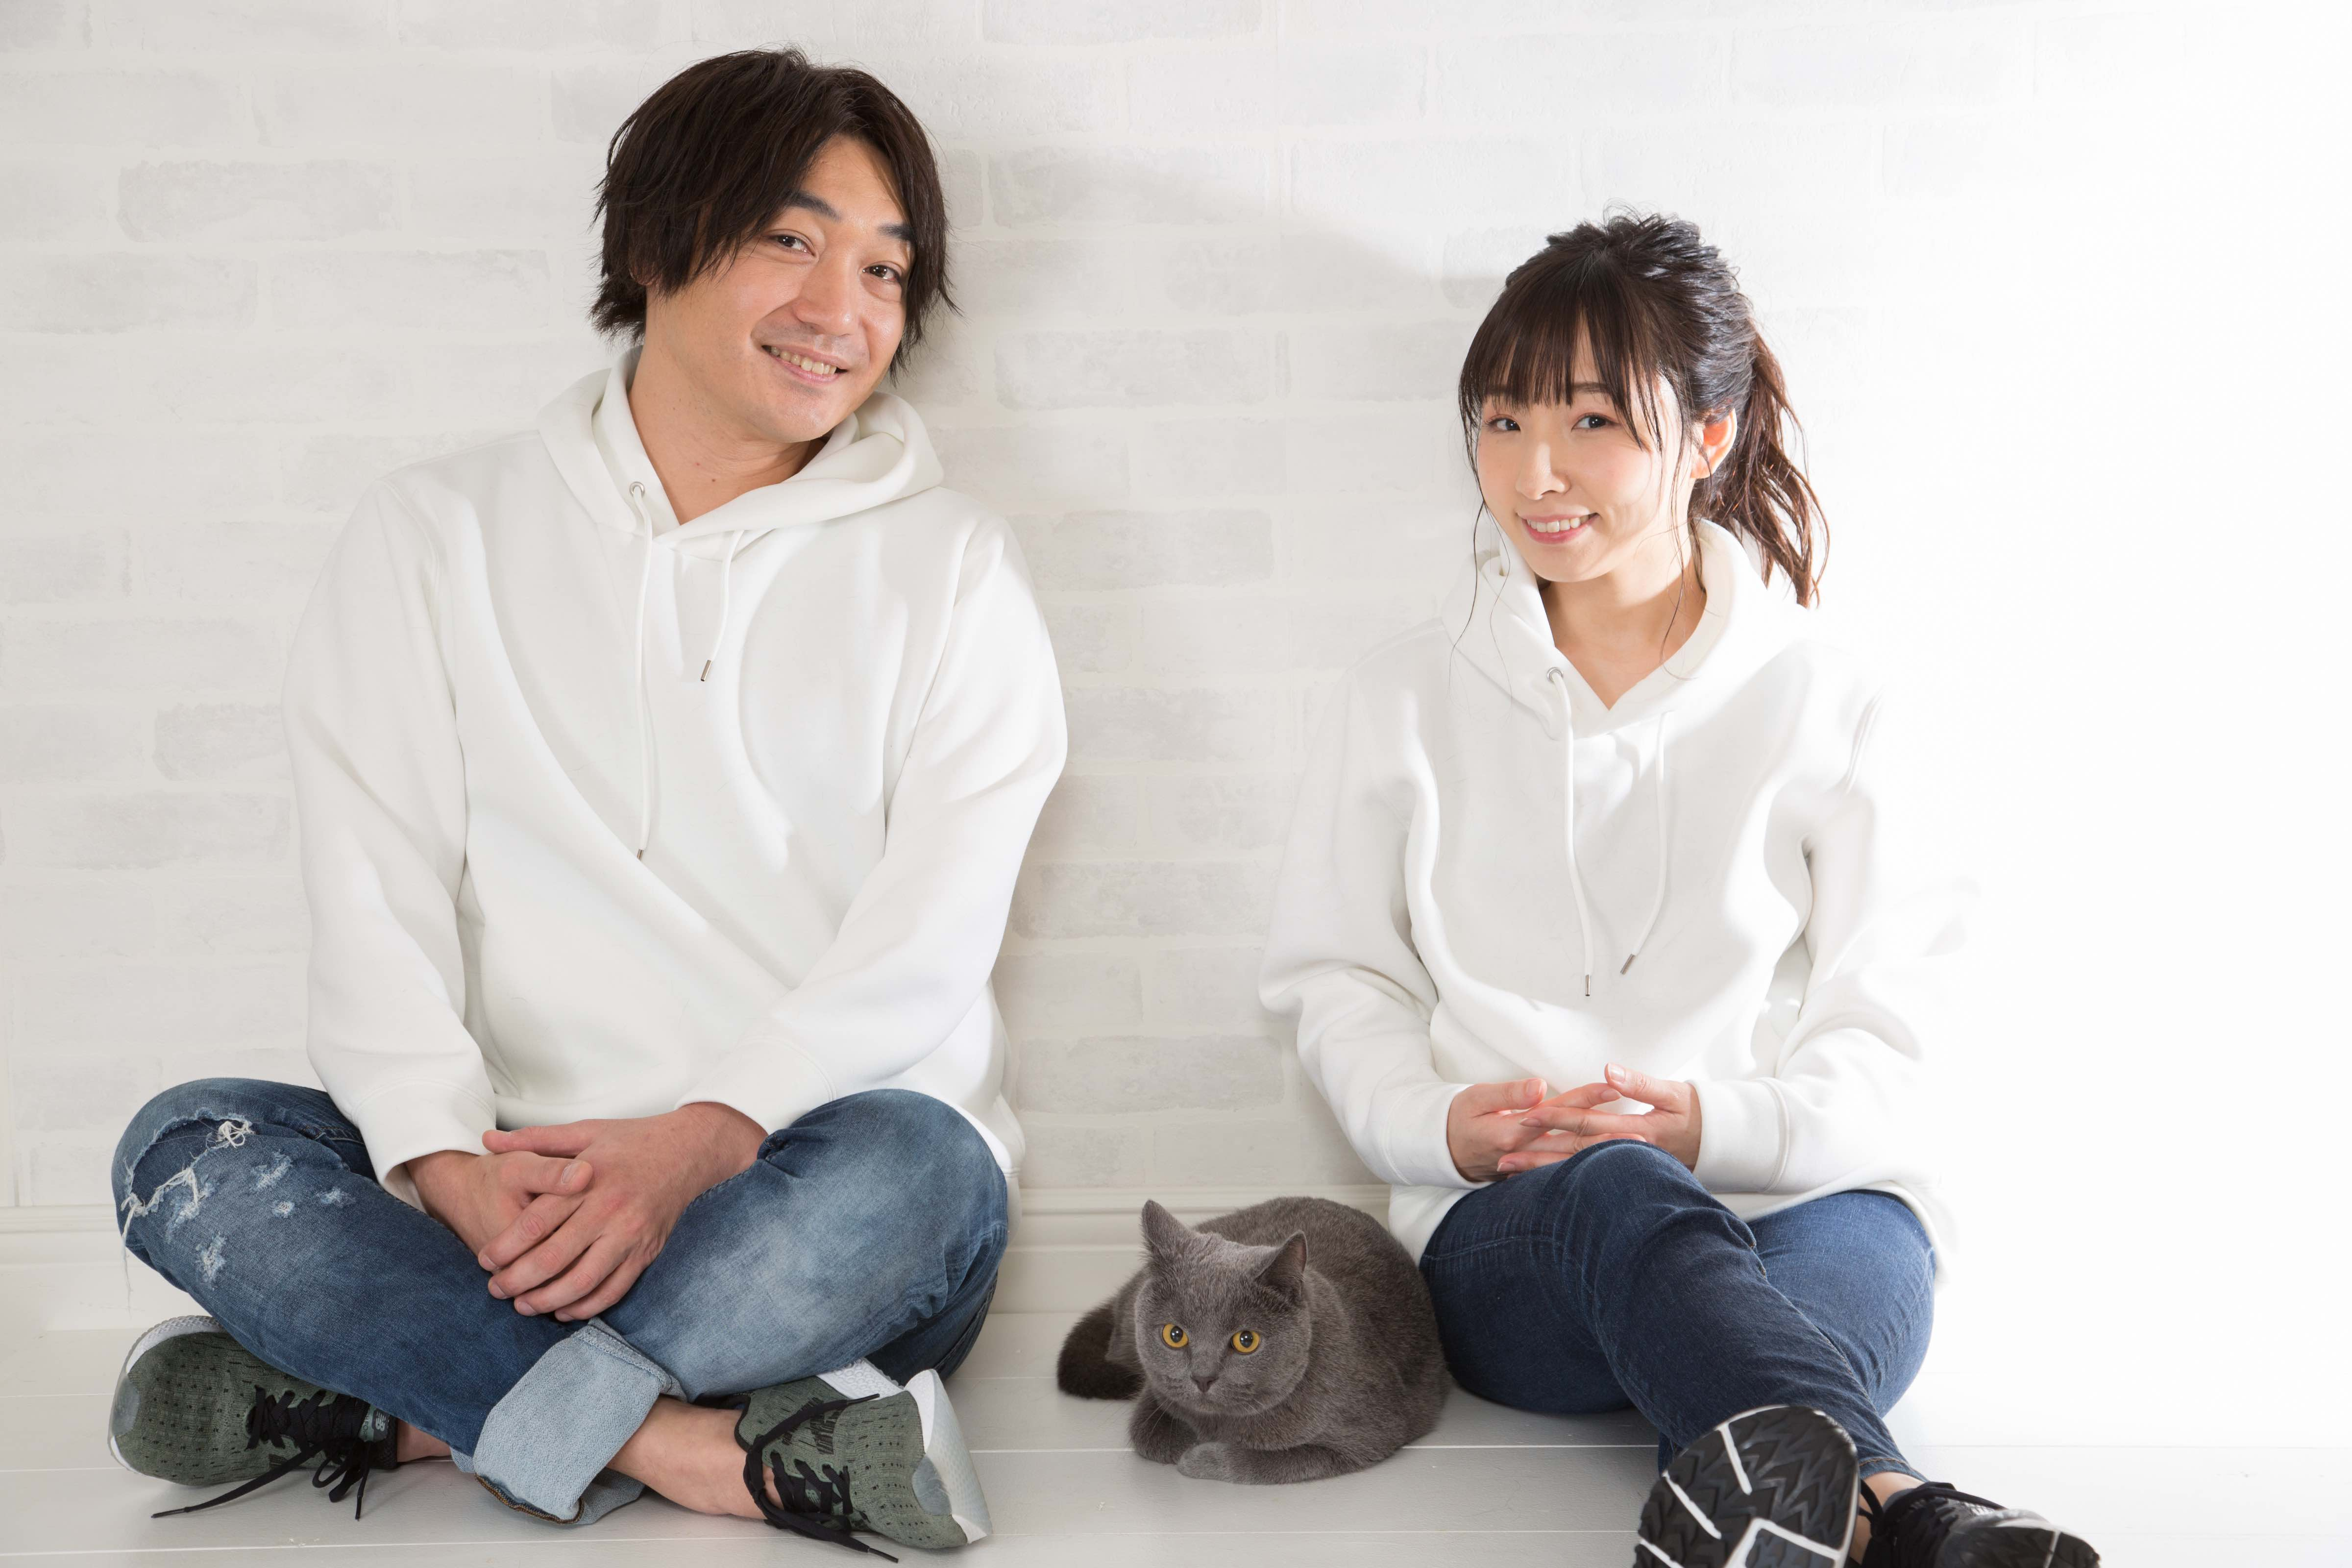 年末最后一位-洲崎绫宣布与男声优伊福部崇今日成婚 暂停朗读为您朗读